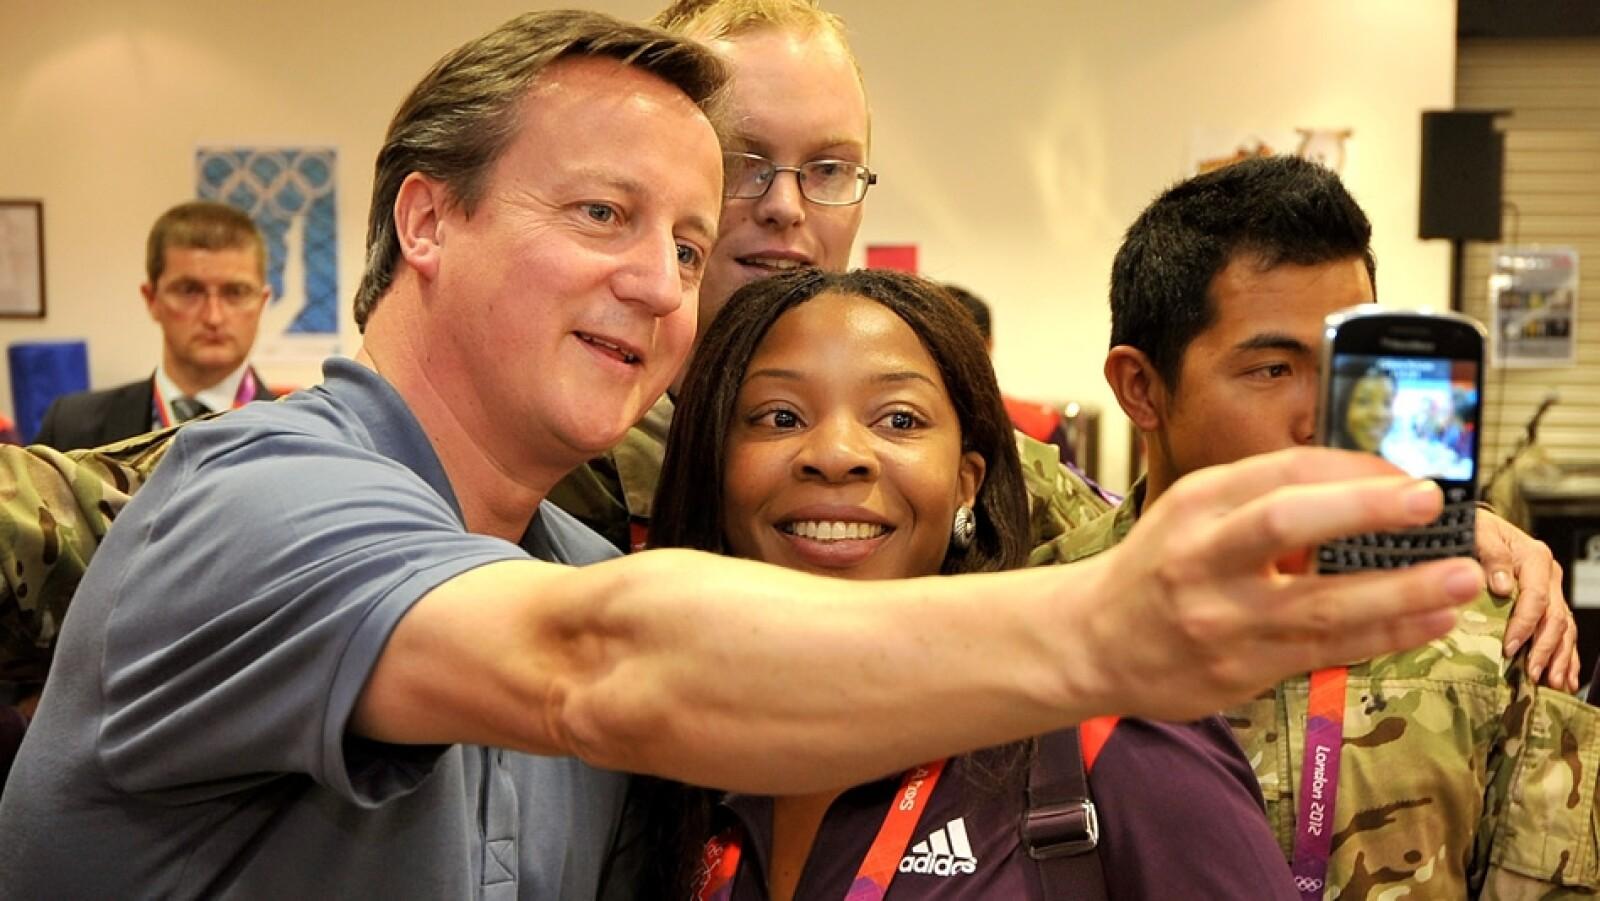 David Cameron Juegos Olimpicos selfie